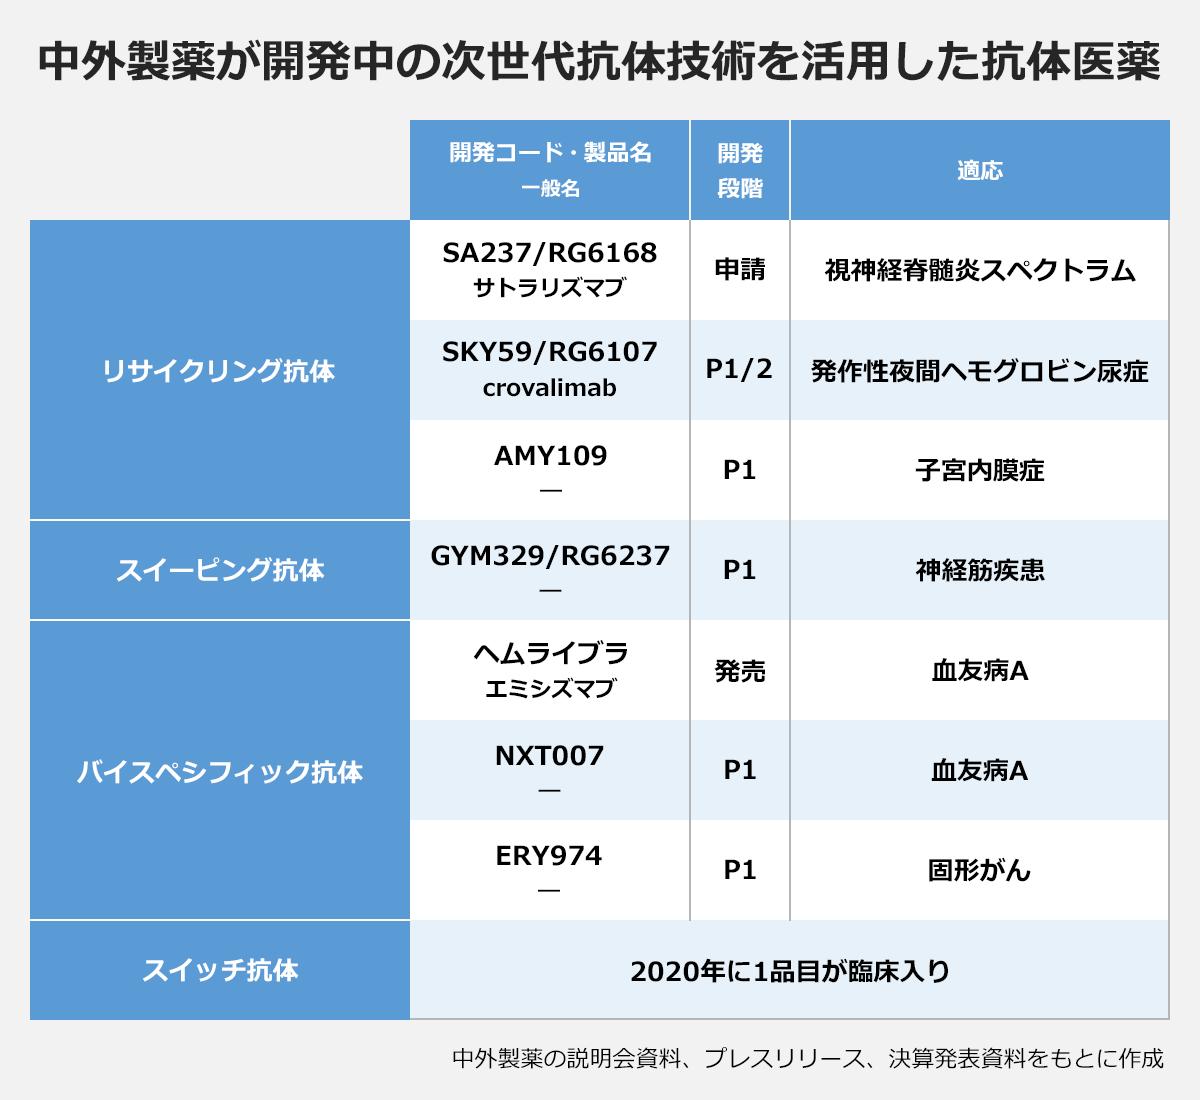 【中外製薬が開発中の次世代抗体技術を活用した抗体医薬】(開発コード・製品名(一般名)/開発段階/適応):『リサイクリング抗体』SA237/RG6168(サトラリズマブ)/申請/視神経脊髄炎スペクトラム、SKY59/RG6107(crovalimab)/P1/2/発作性夜間ヘモグロビン尿症、AMY109(-)/P1/子宮内膜症、『スイーピング抗体』GYM329/RG6237/P1/神経筋疾患、『バイスペシフィック抗体』ヘムライブラ(エミシズマブ)/発売/血友病A、NXT007(-)/P1/血友病A、ERY974(-)/P1/固形がん、『スイッチ抗体』2020年に1品目が臨床入り。※中外製薬の説明会資料、プレスリリース、決算発表資料をもとに作成